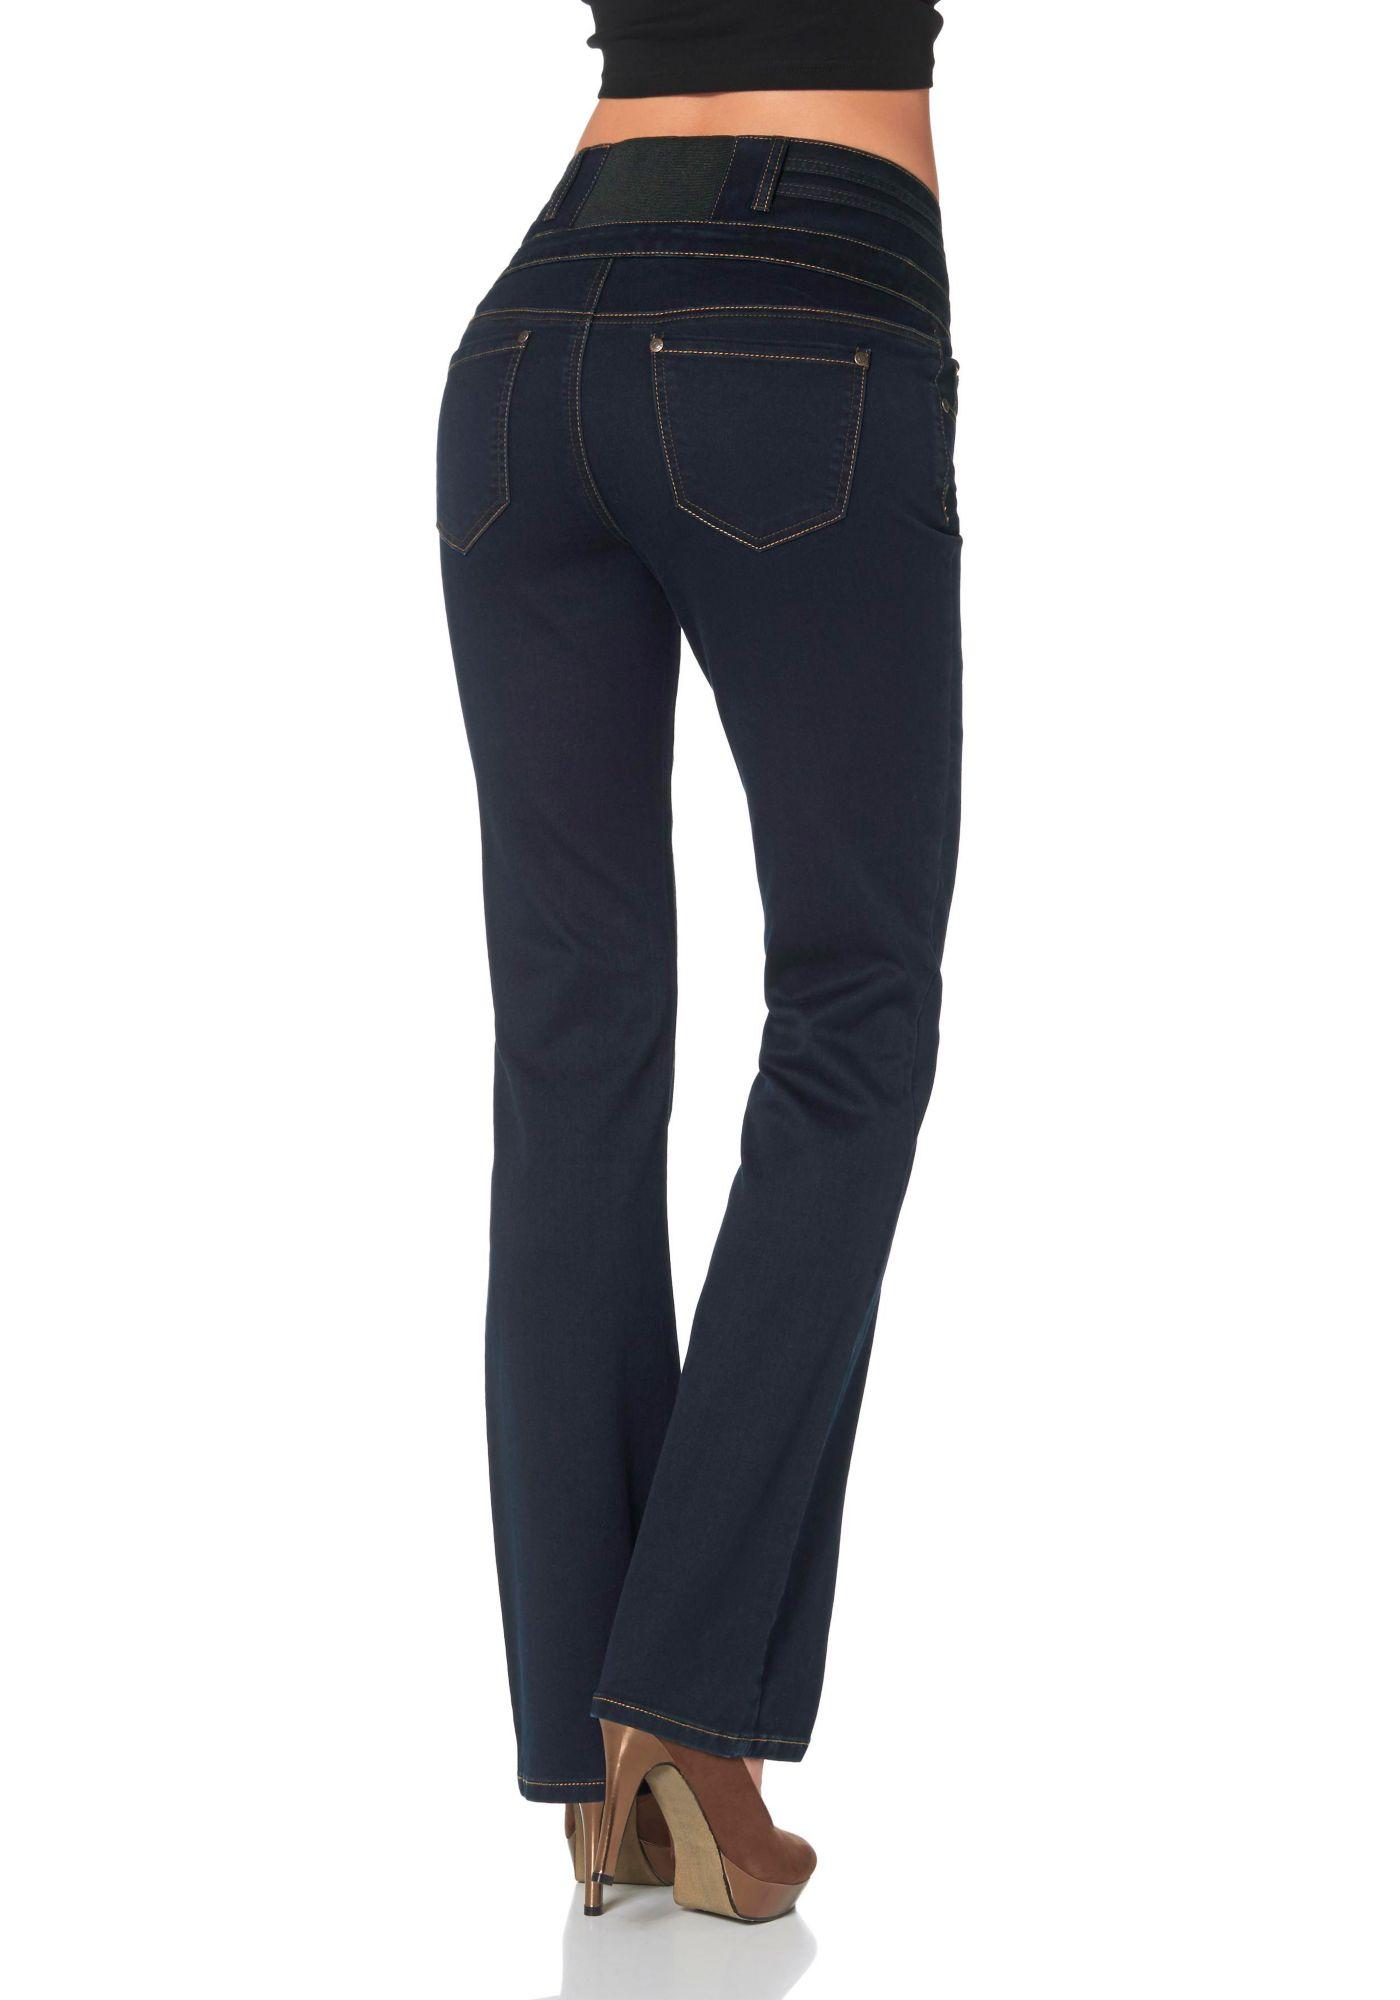 ARIZONA Arizona Bootcut-Jeans »Stretch- Einsatz hinten im Bund«